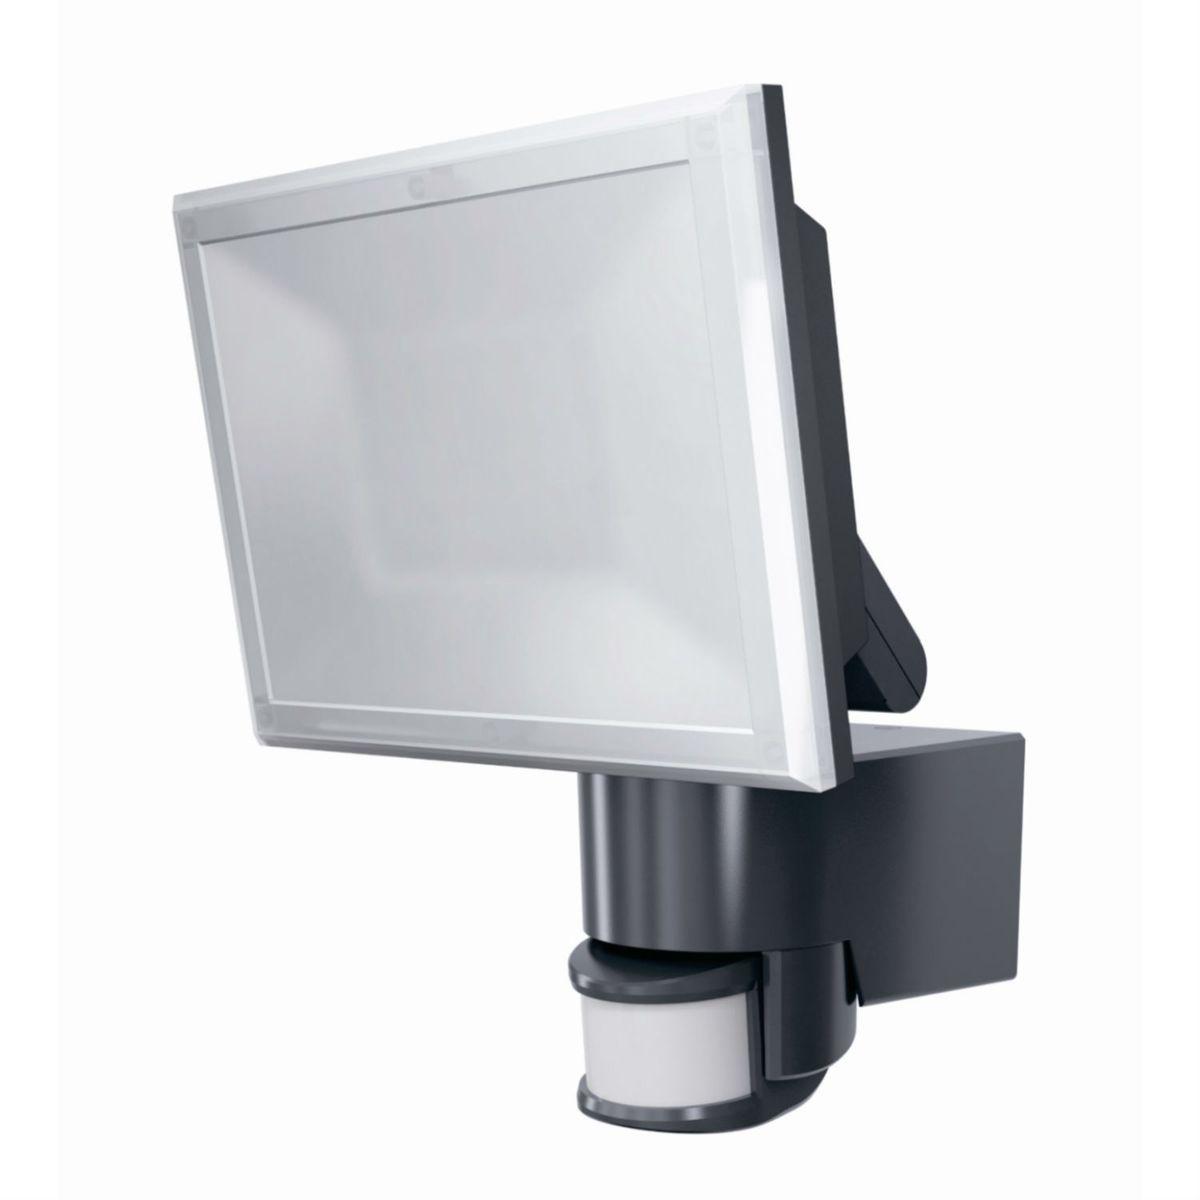 NOXLITE FLOODLIGHT Projecteur d'extérieur LED Chaud avec Détecteur